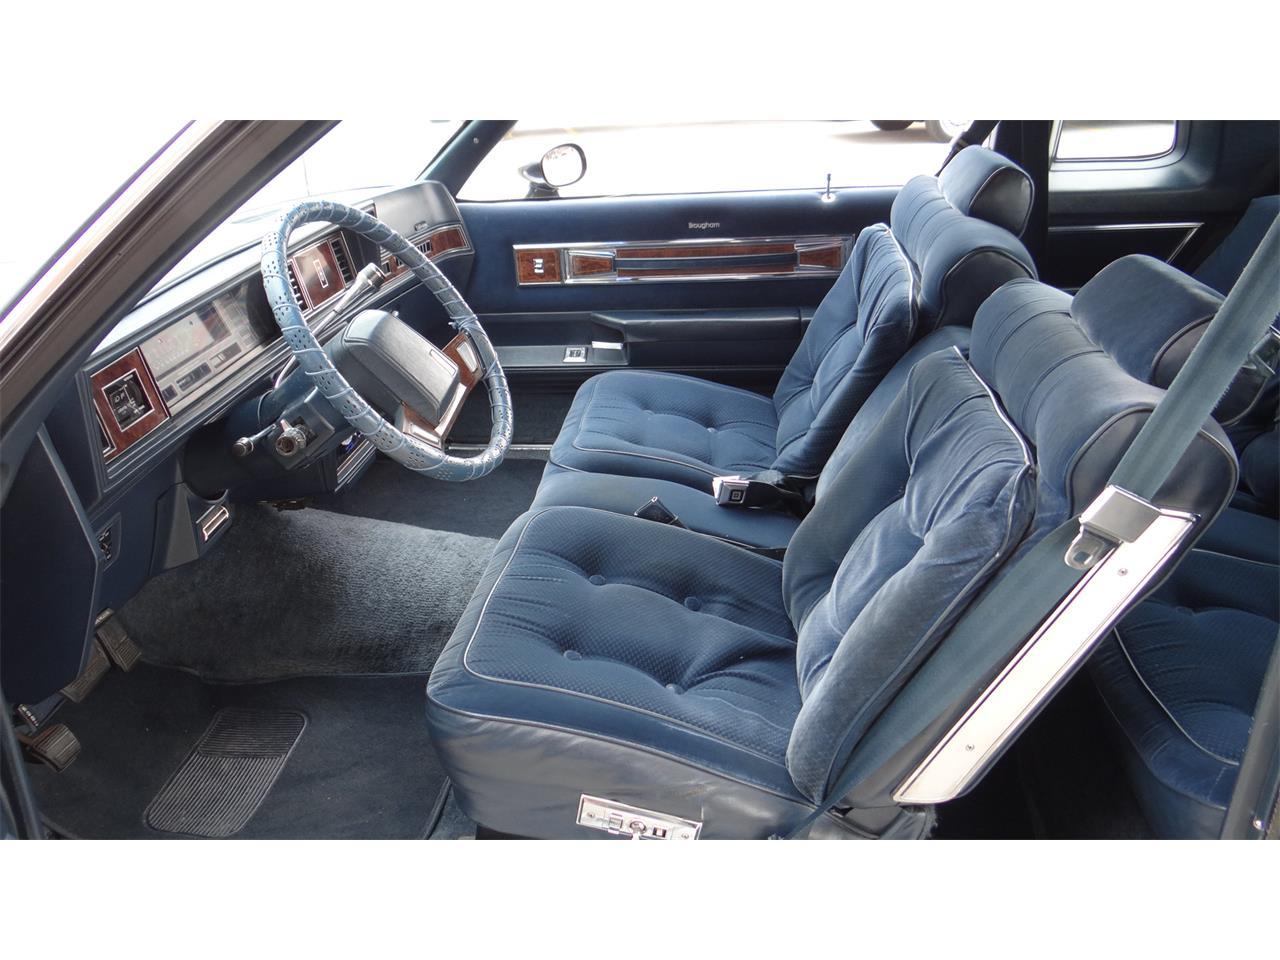 For Sale: 1985 Oldsmobile Cutlass Supreme in Davenport, Iowa